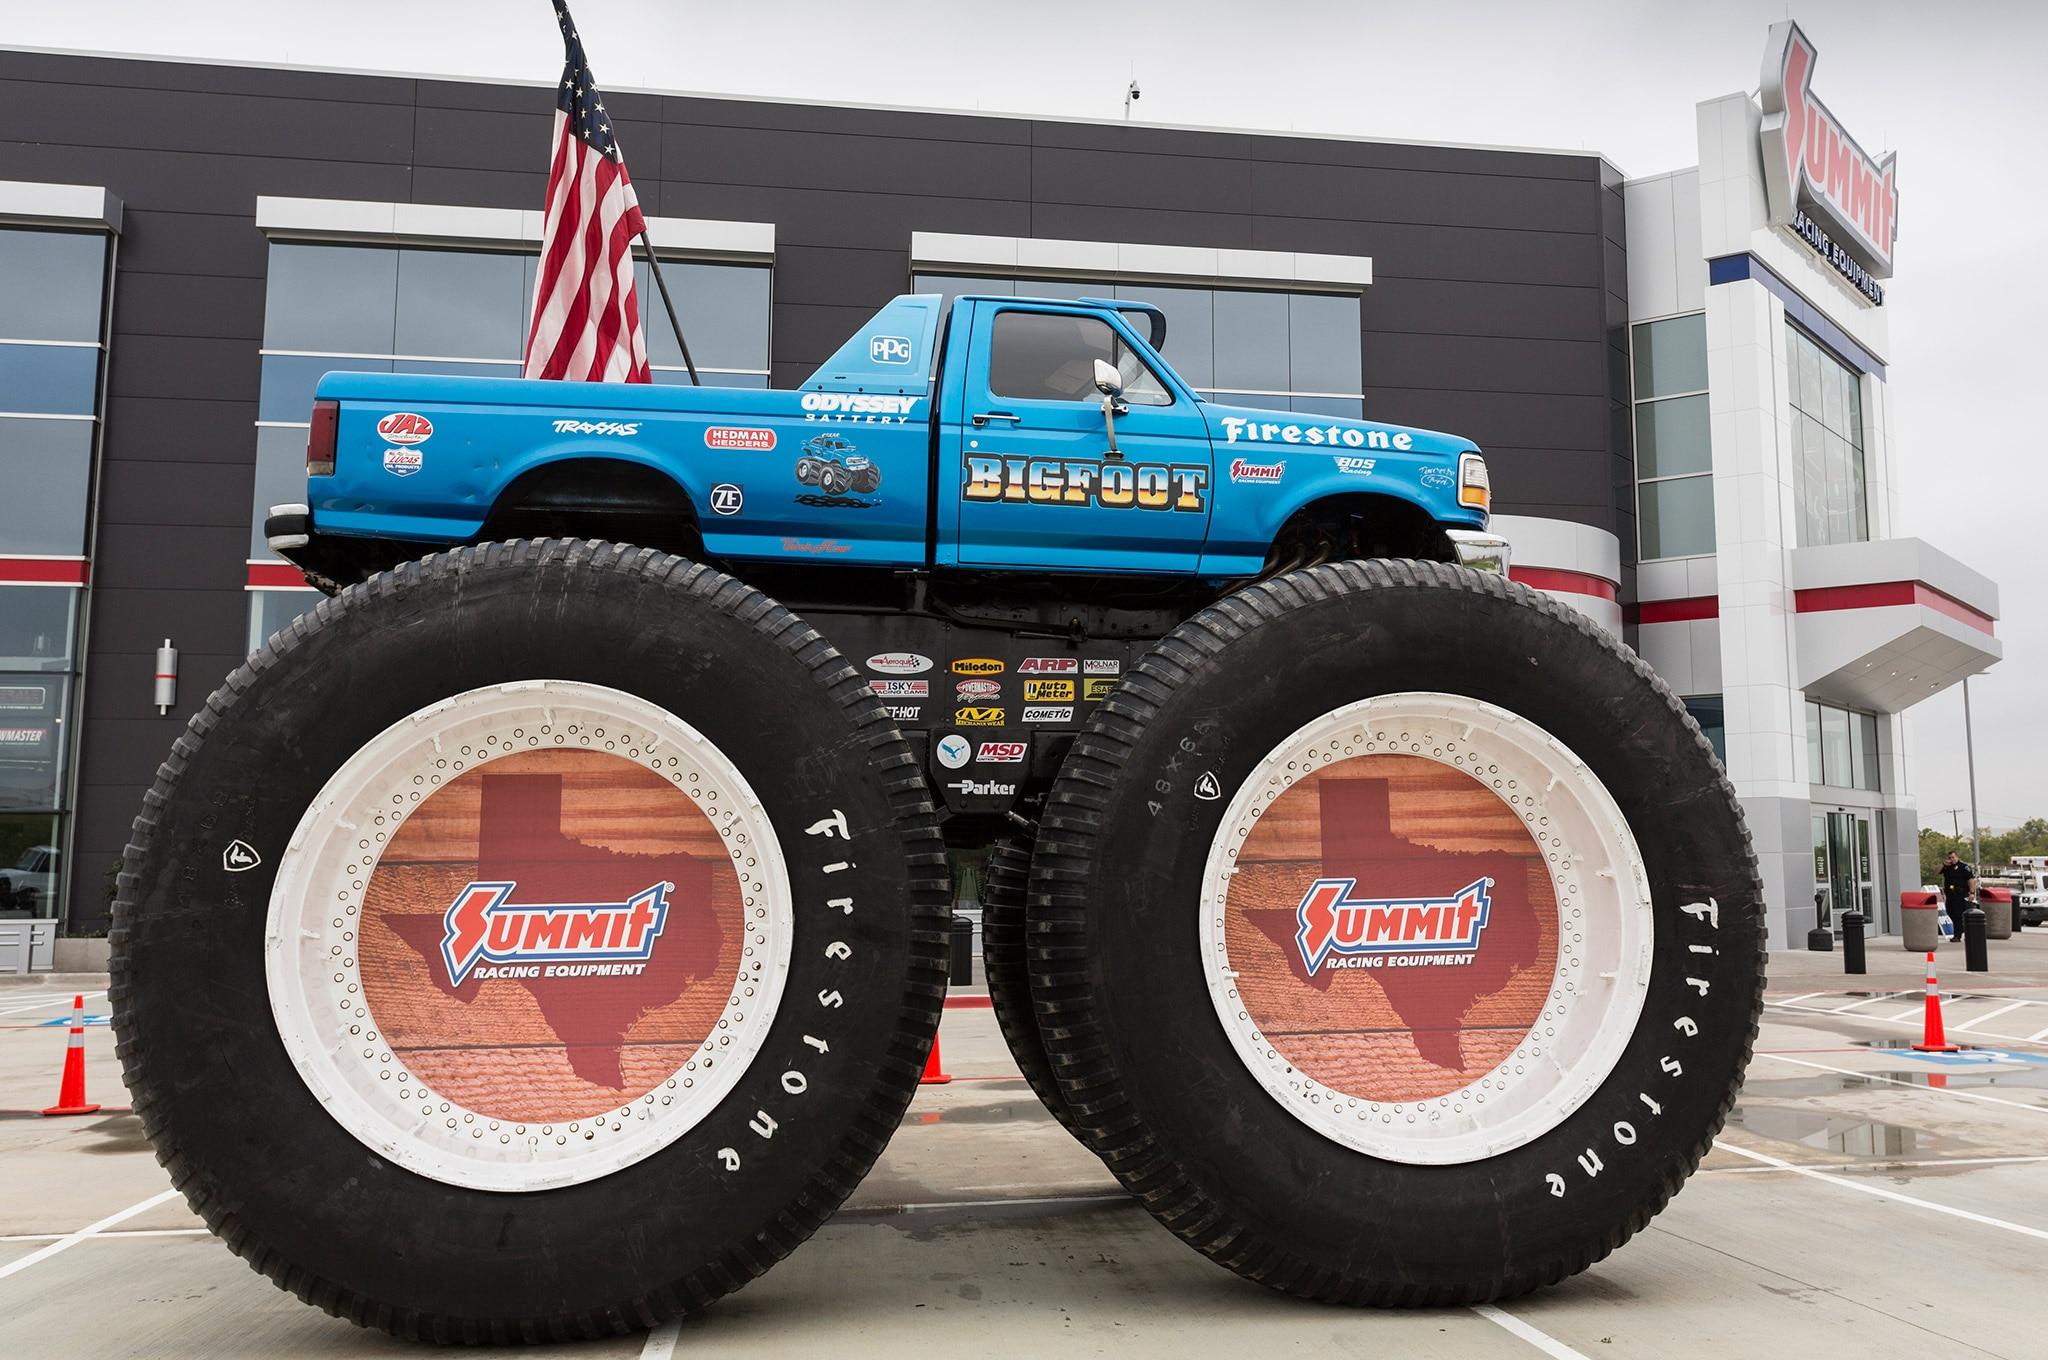 05 Summit Racing TX Retail Store Bigfoot Parking Lot Display